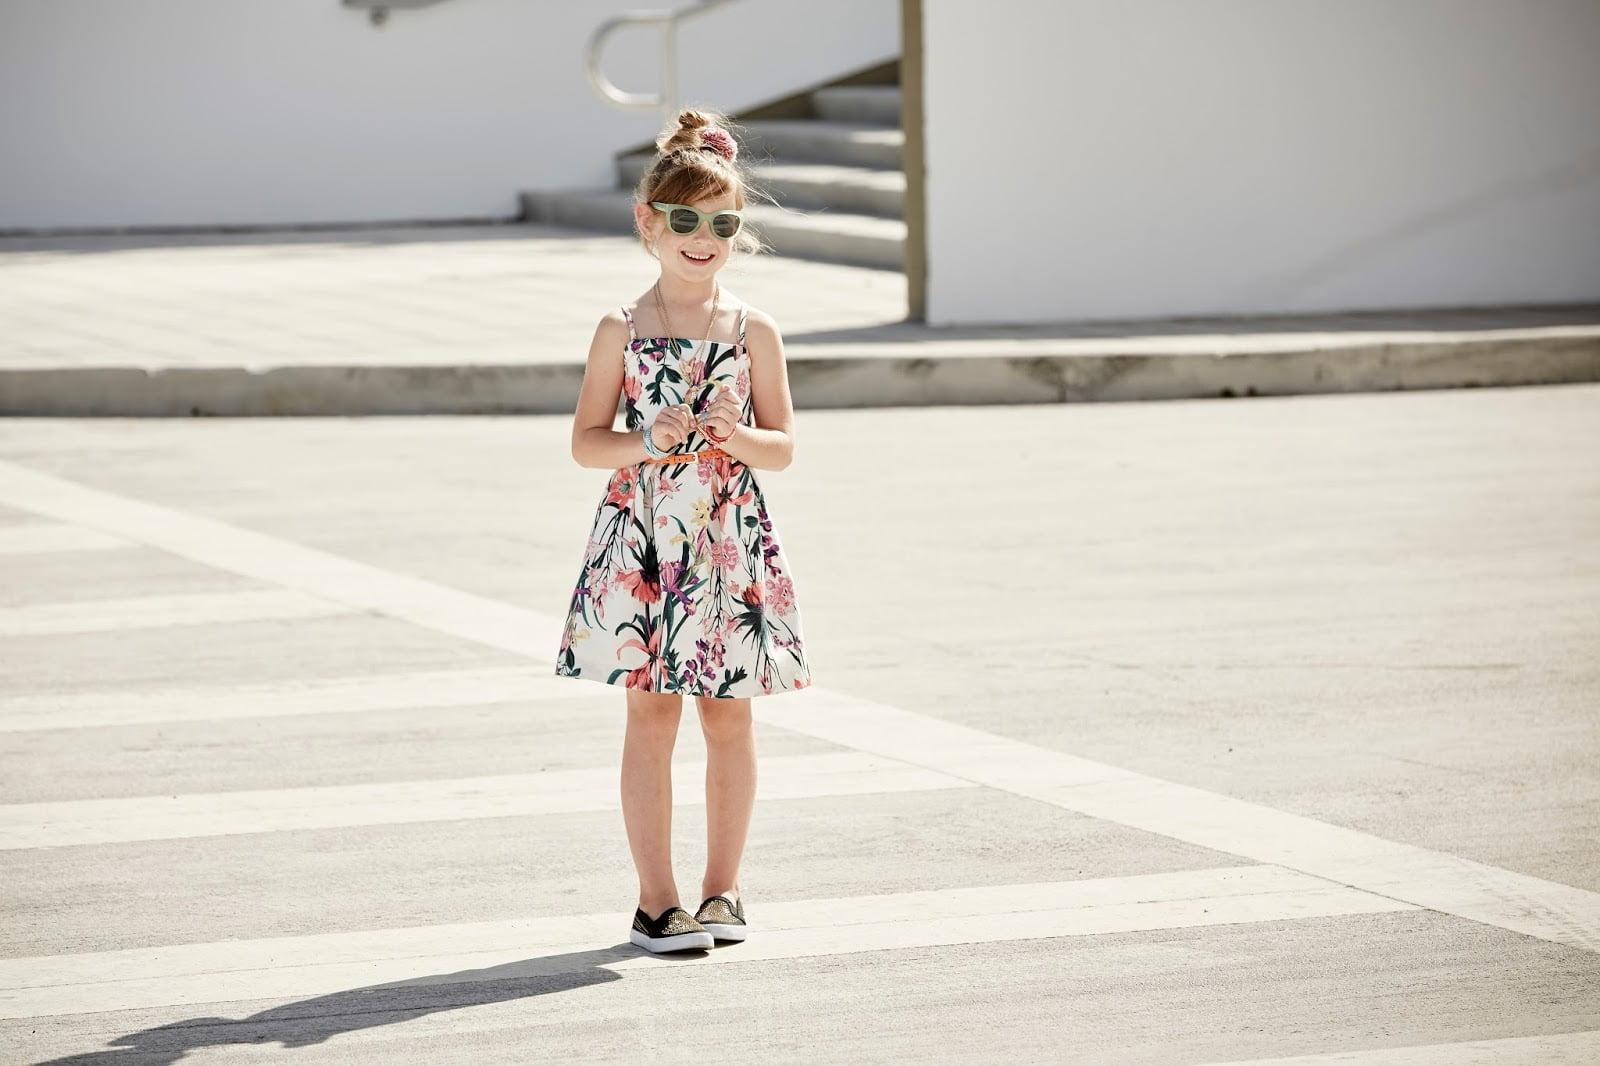 Thoi trang con nit 5 - Gợi ý thời trang kiểu tây cho bé